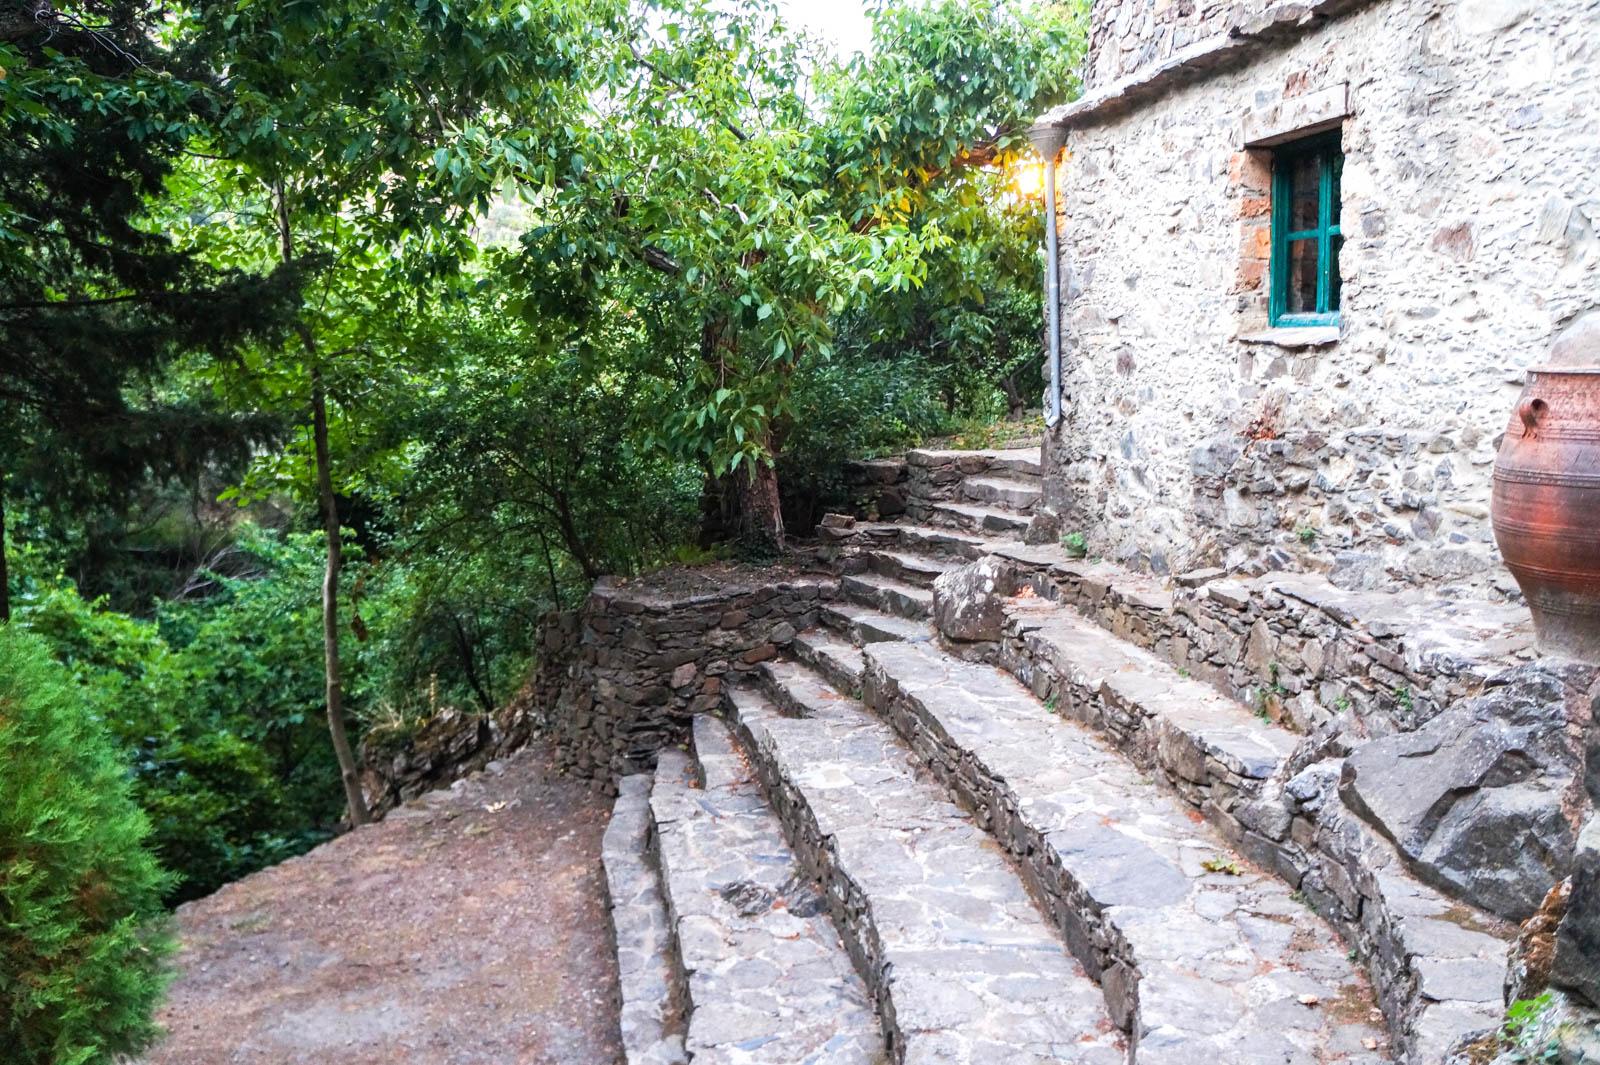 milia-crete-greece-la-vie-en-blog-all-rights-reserved-10